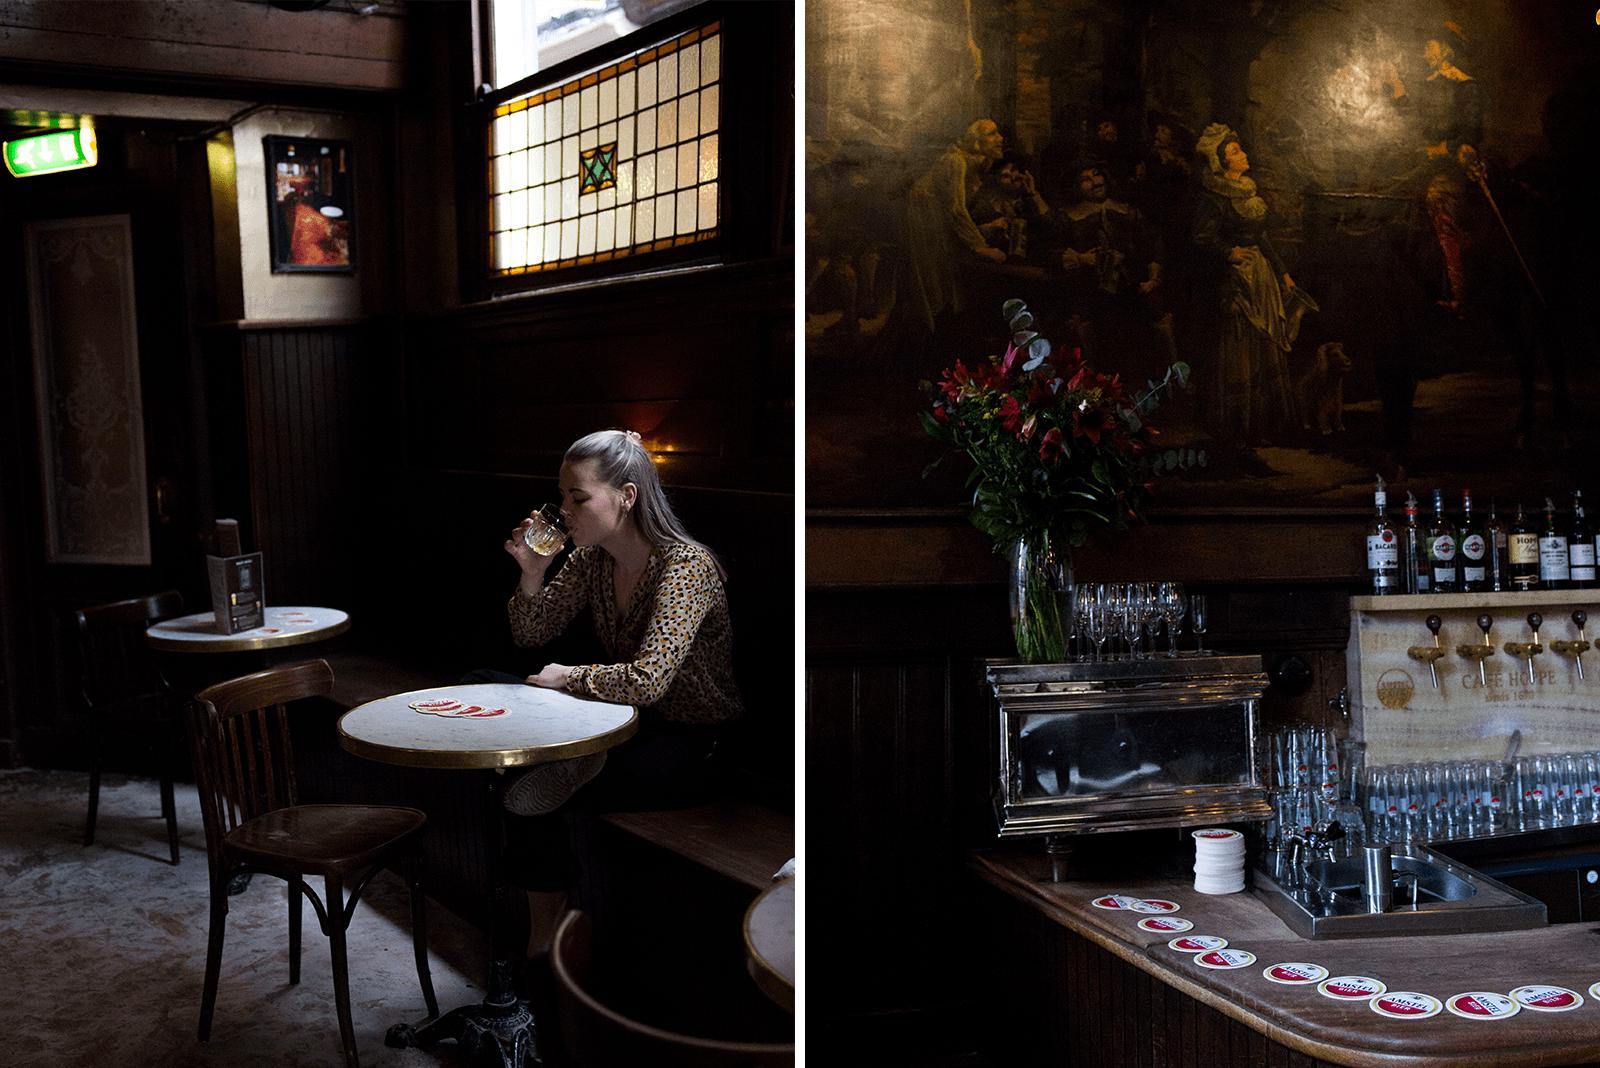 Weet je wat nou écht leuk is in het weekend? Een ouderwetse kroegentocht langs 8 oude kroegen in Amsterdam. Met wie je ook bent, dit is een topuitje! Binnen 60 minuten loop je langs het kloppende kroegenhart van Amsterdam. Althans, als dat nog lukt na al die jenevers & pilsjes.. Kroegen Amsterdam, bier in Amsterdam, bruine kroegen, Amsterdam, kroegentocht, cafe Hoppe Amsterdam, jenever, stokoude kroegen,